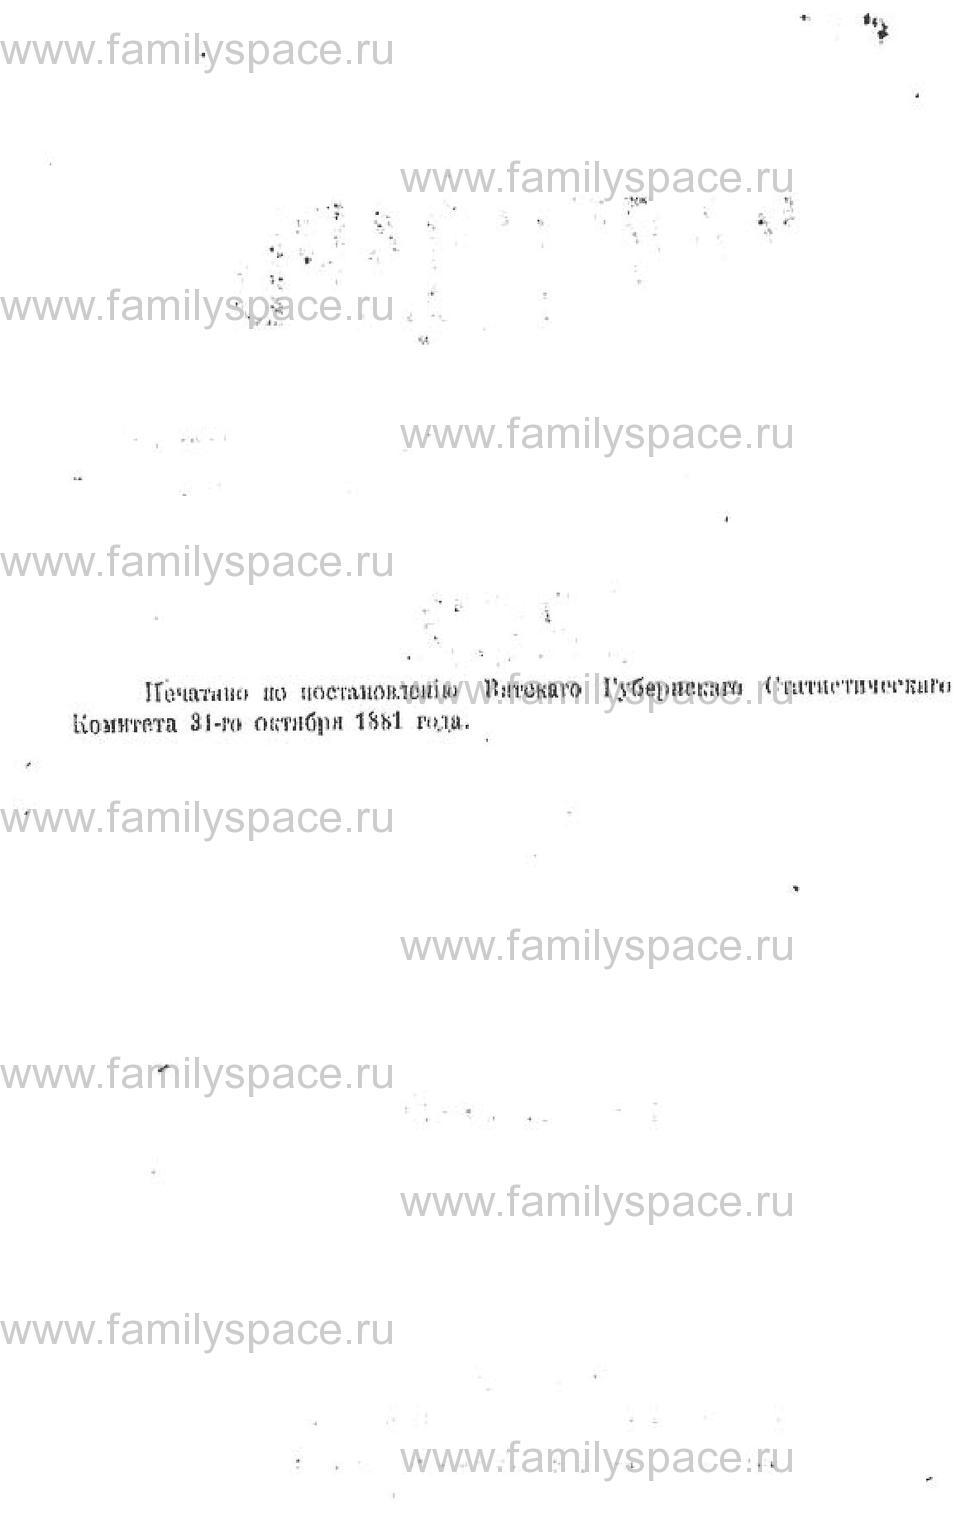 Поиск по фамилии - Календарь Вятской губернии на 1882 год, страница 3